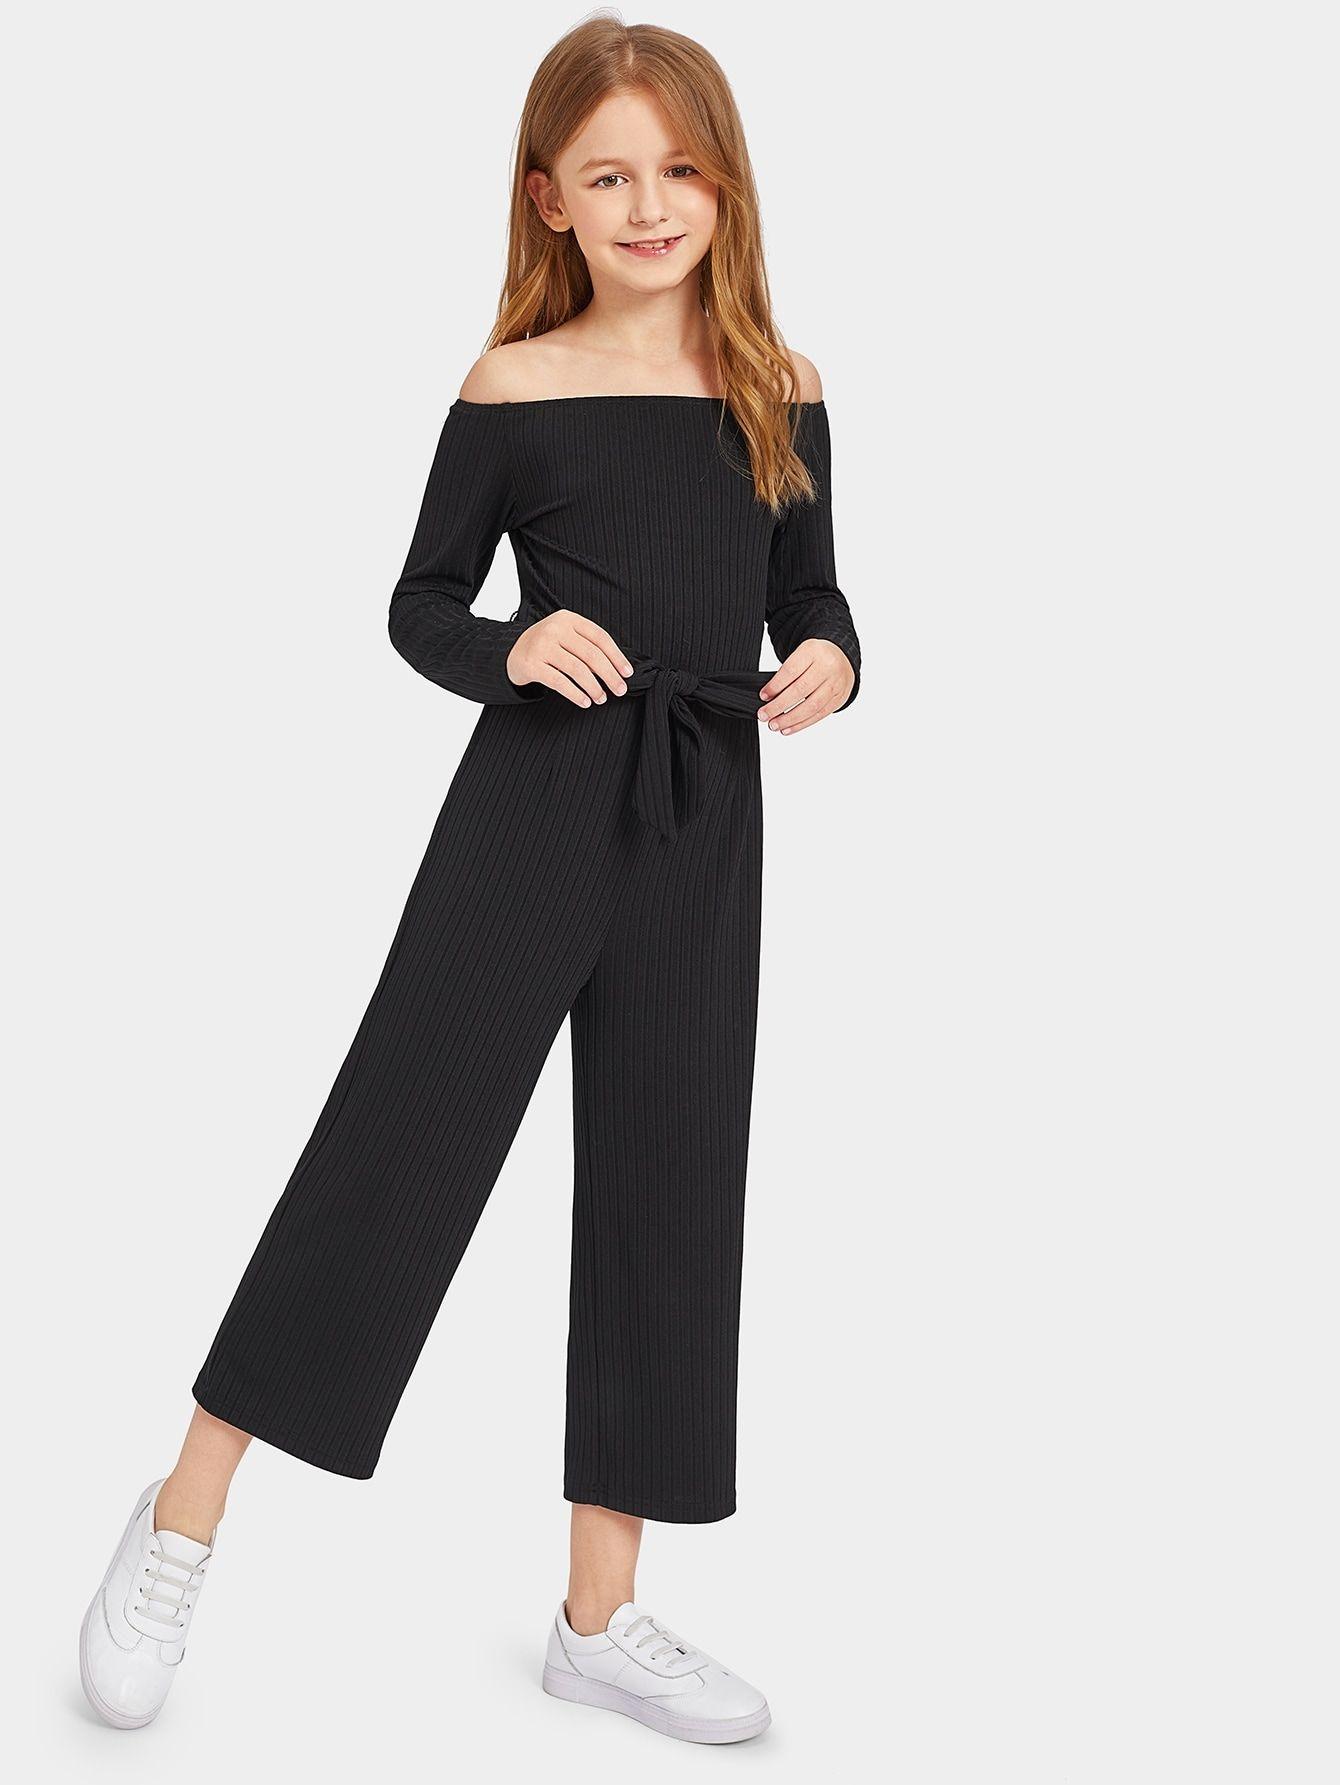 bb2a2ac2bb7a9 Girls Off Shoulder Self Belted Rib Knit Jumpsuit Belted#Shoulder#Girls